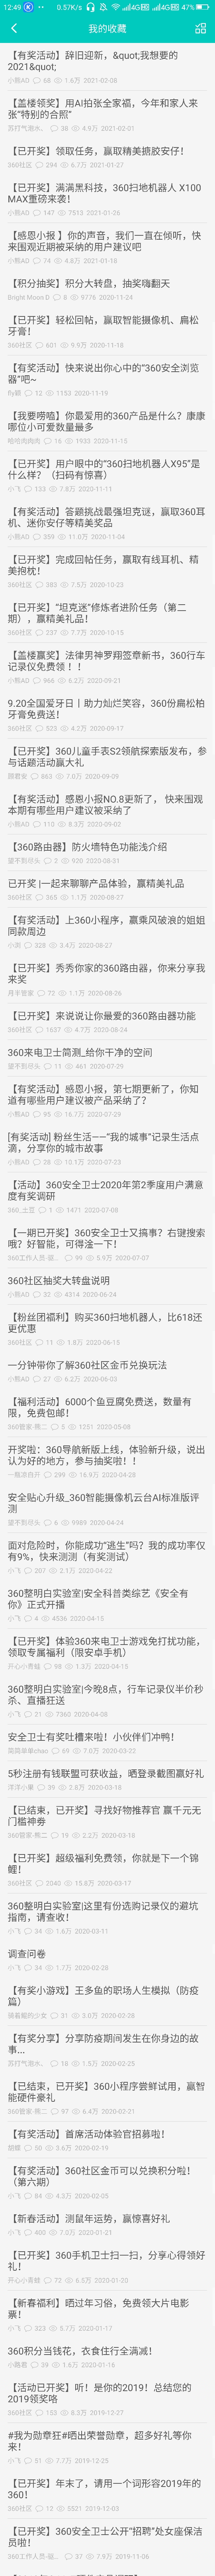 Screenshot_2021-02-11-12-49-41.jpg